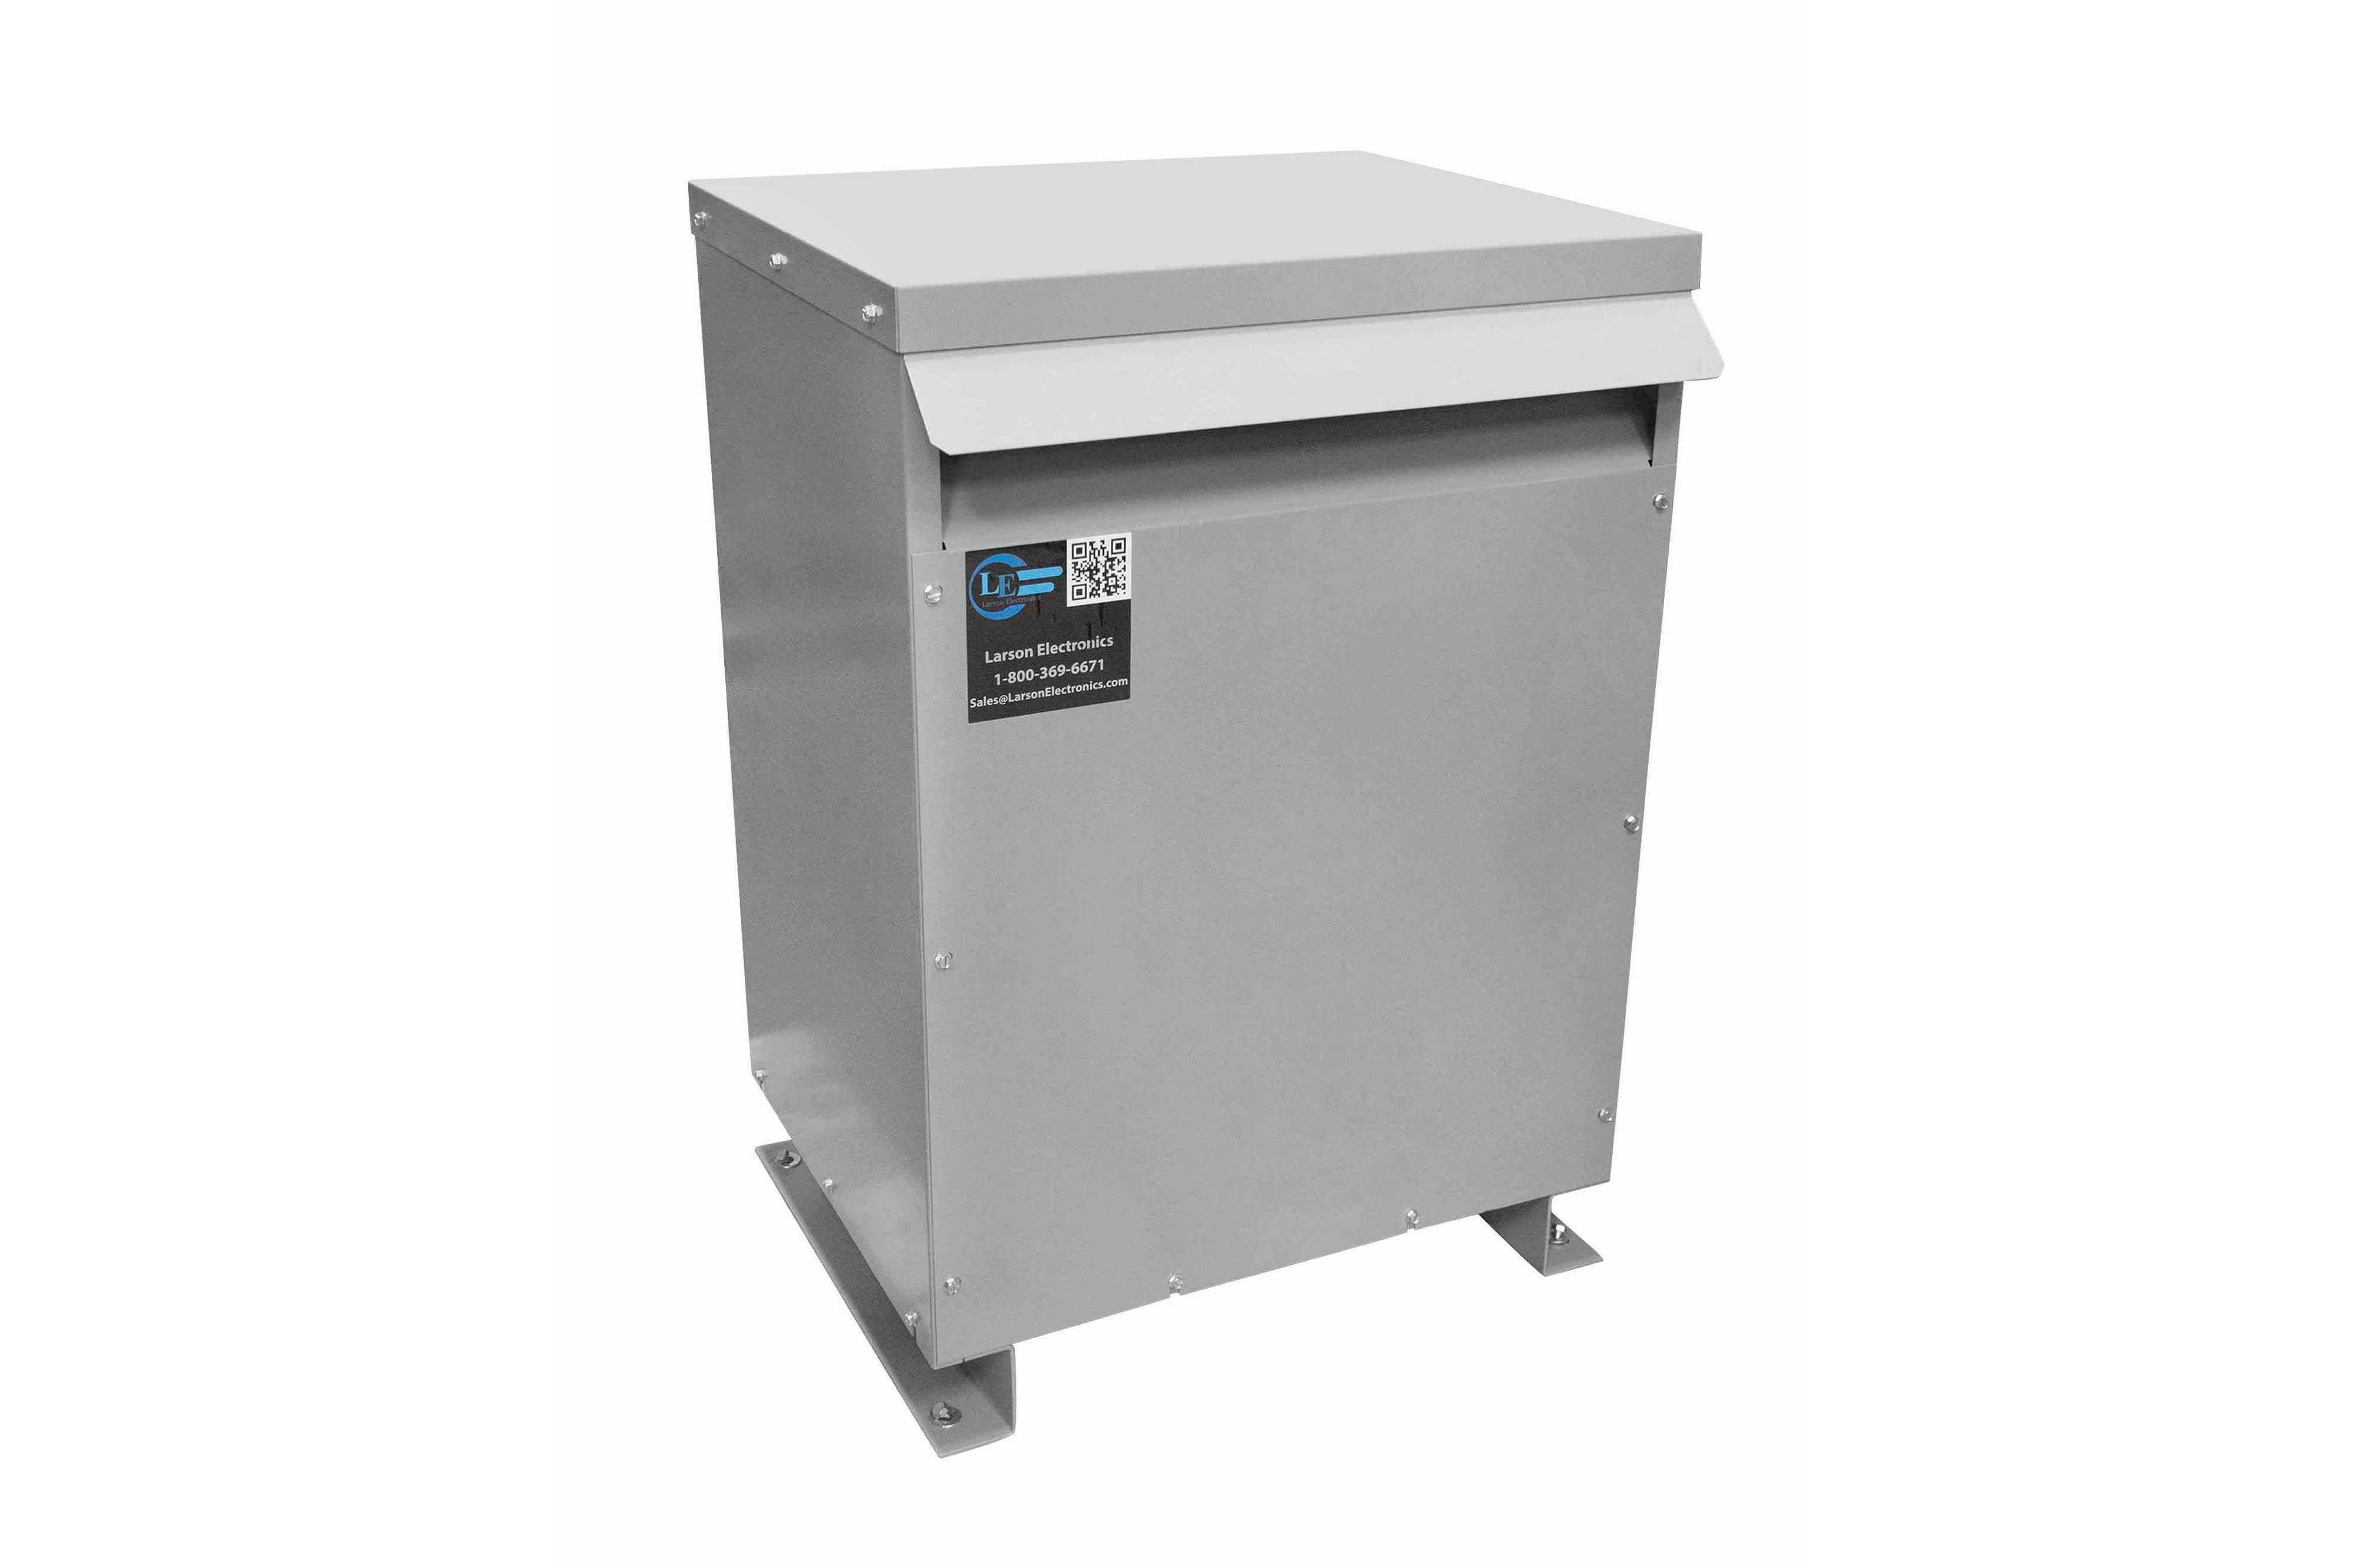 500 kVA 3PH Isolation Transformer, 240V Delta Primary, 400V Delta Secondary, N3R, Ventilated, 60 Hz